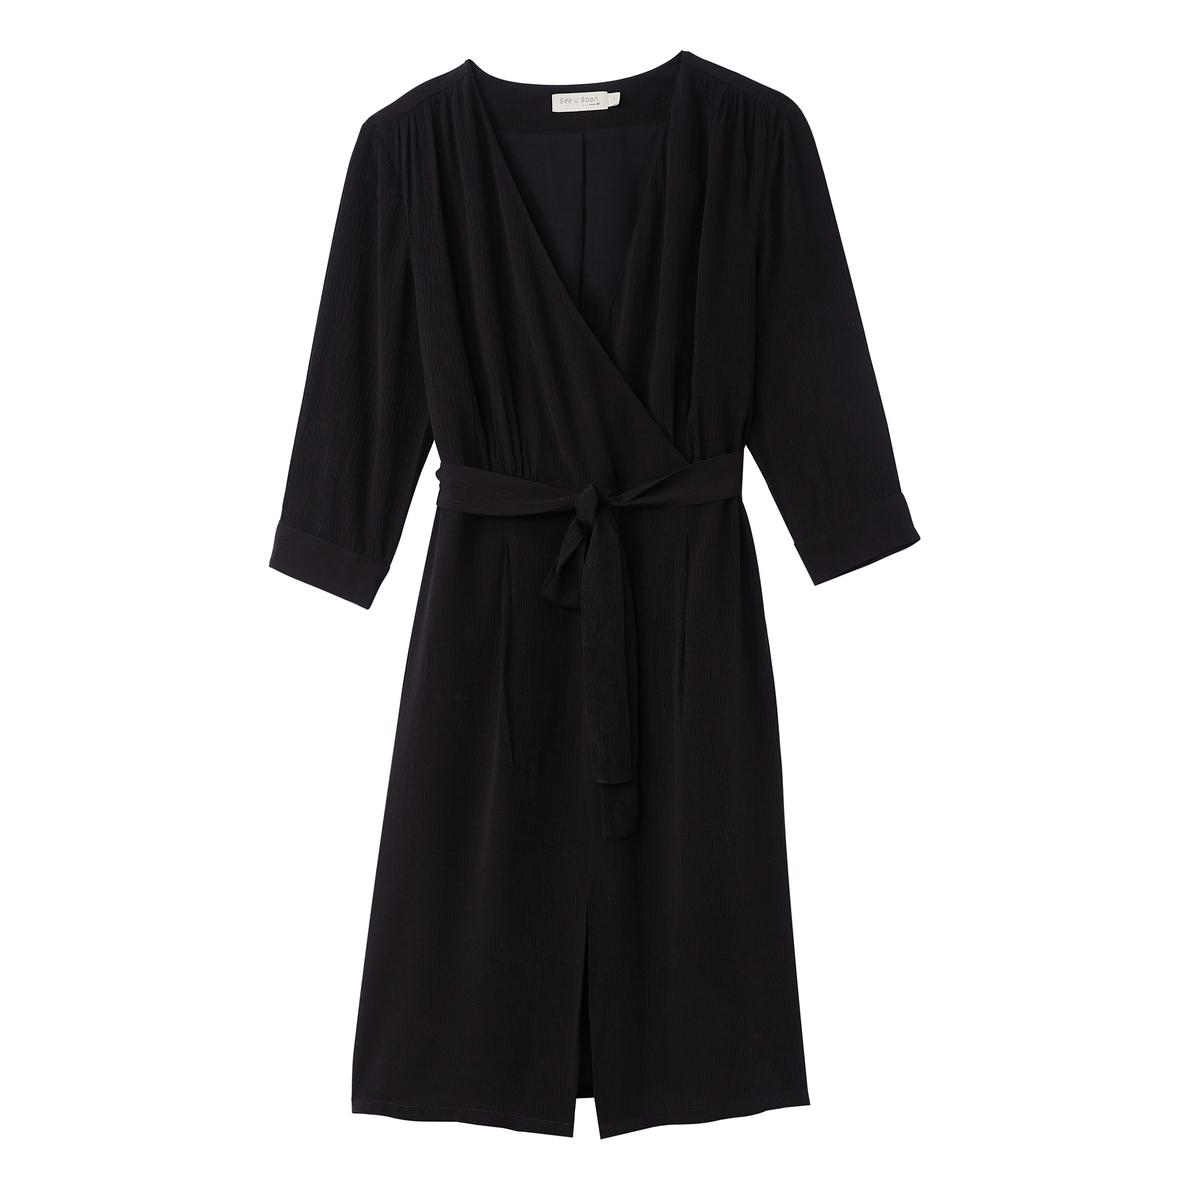 Платье с запахом, средняя длина, рукава 3/4 платье с запахом vestido negro maqi